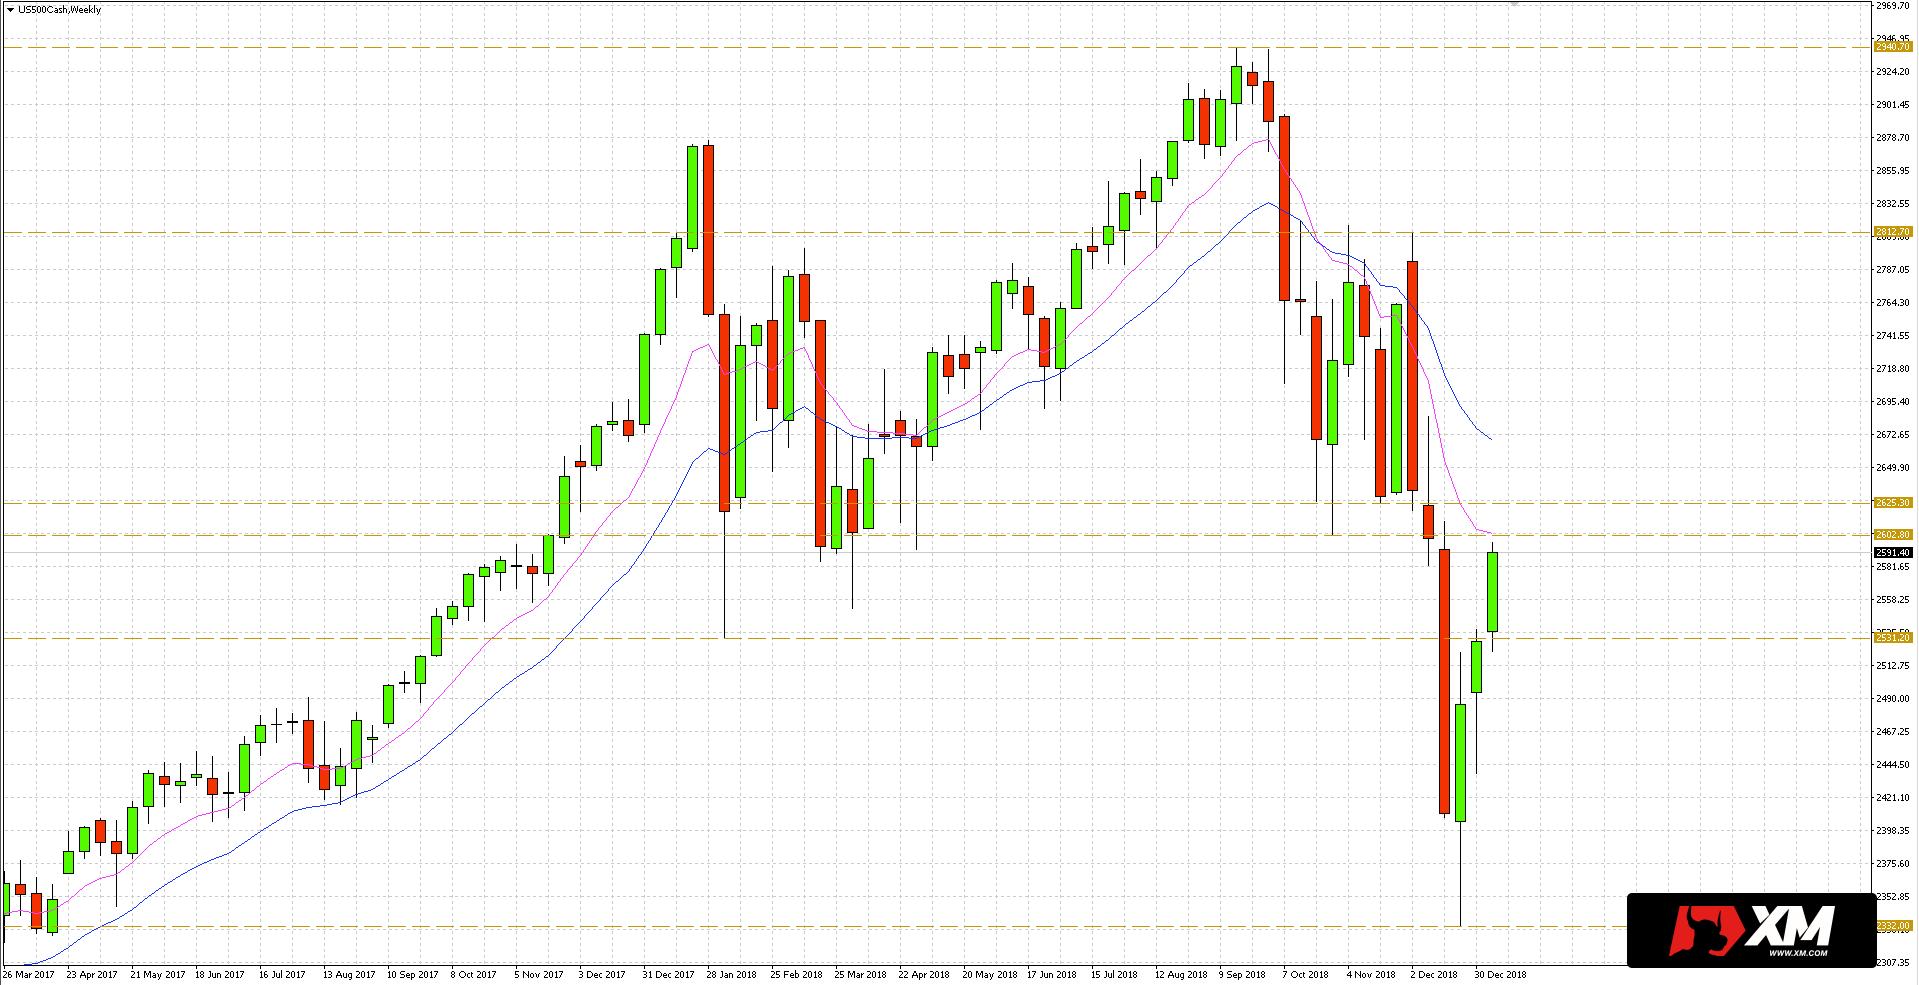 Notowania amerykańskiego indeksu S&P 500 osuwają się od października w następstwie nieudanej próby przekroczenia oporu na 2490,70 USD